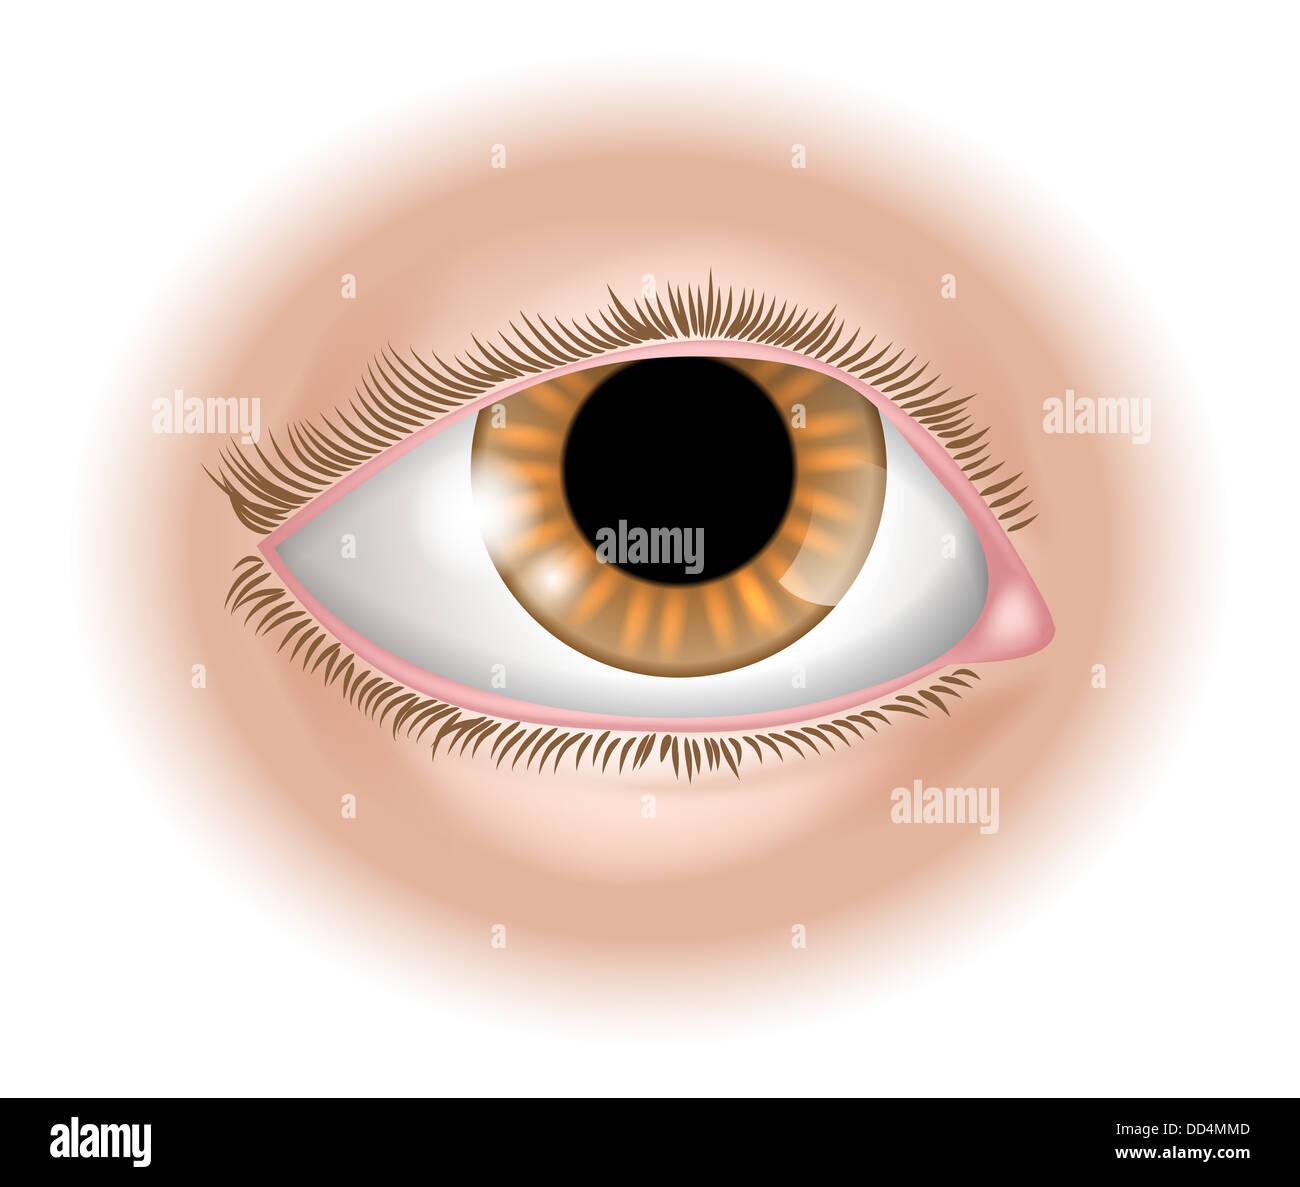 Five Senses Worksheet Eyes